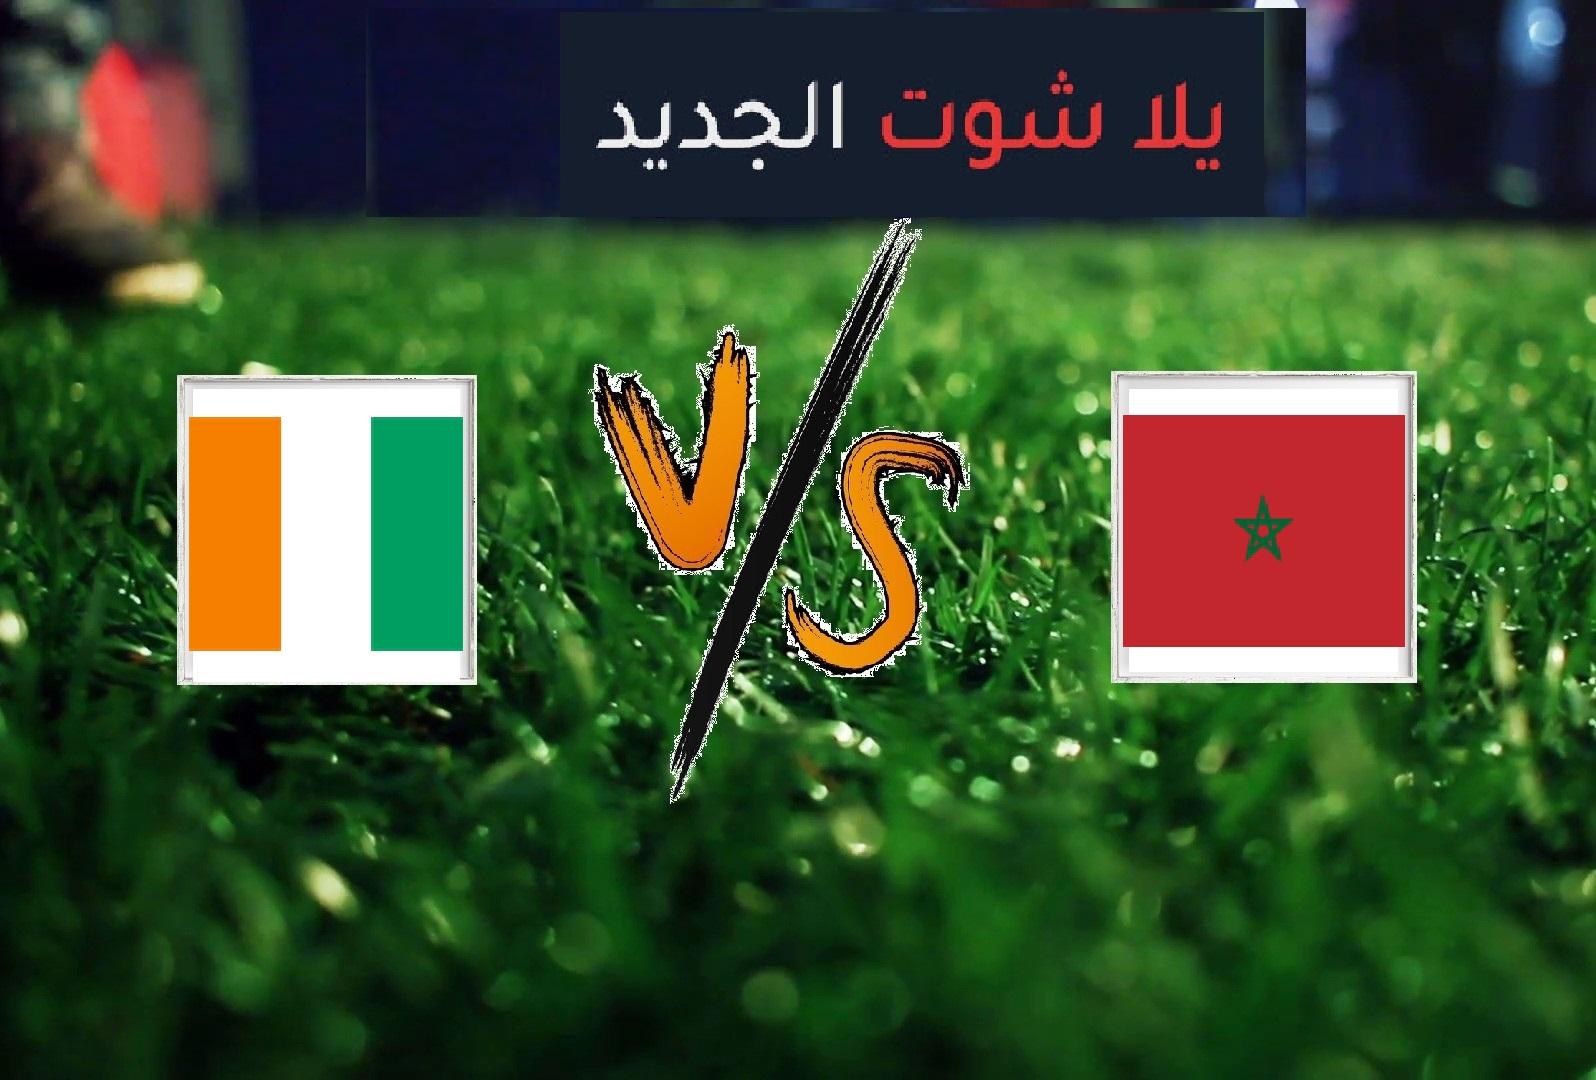 نتيجة مباراة المغرب وساحل العاج بتاريخ 28-06-2019 كأس الأمم الأفريقية